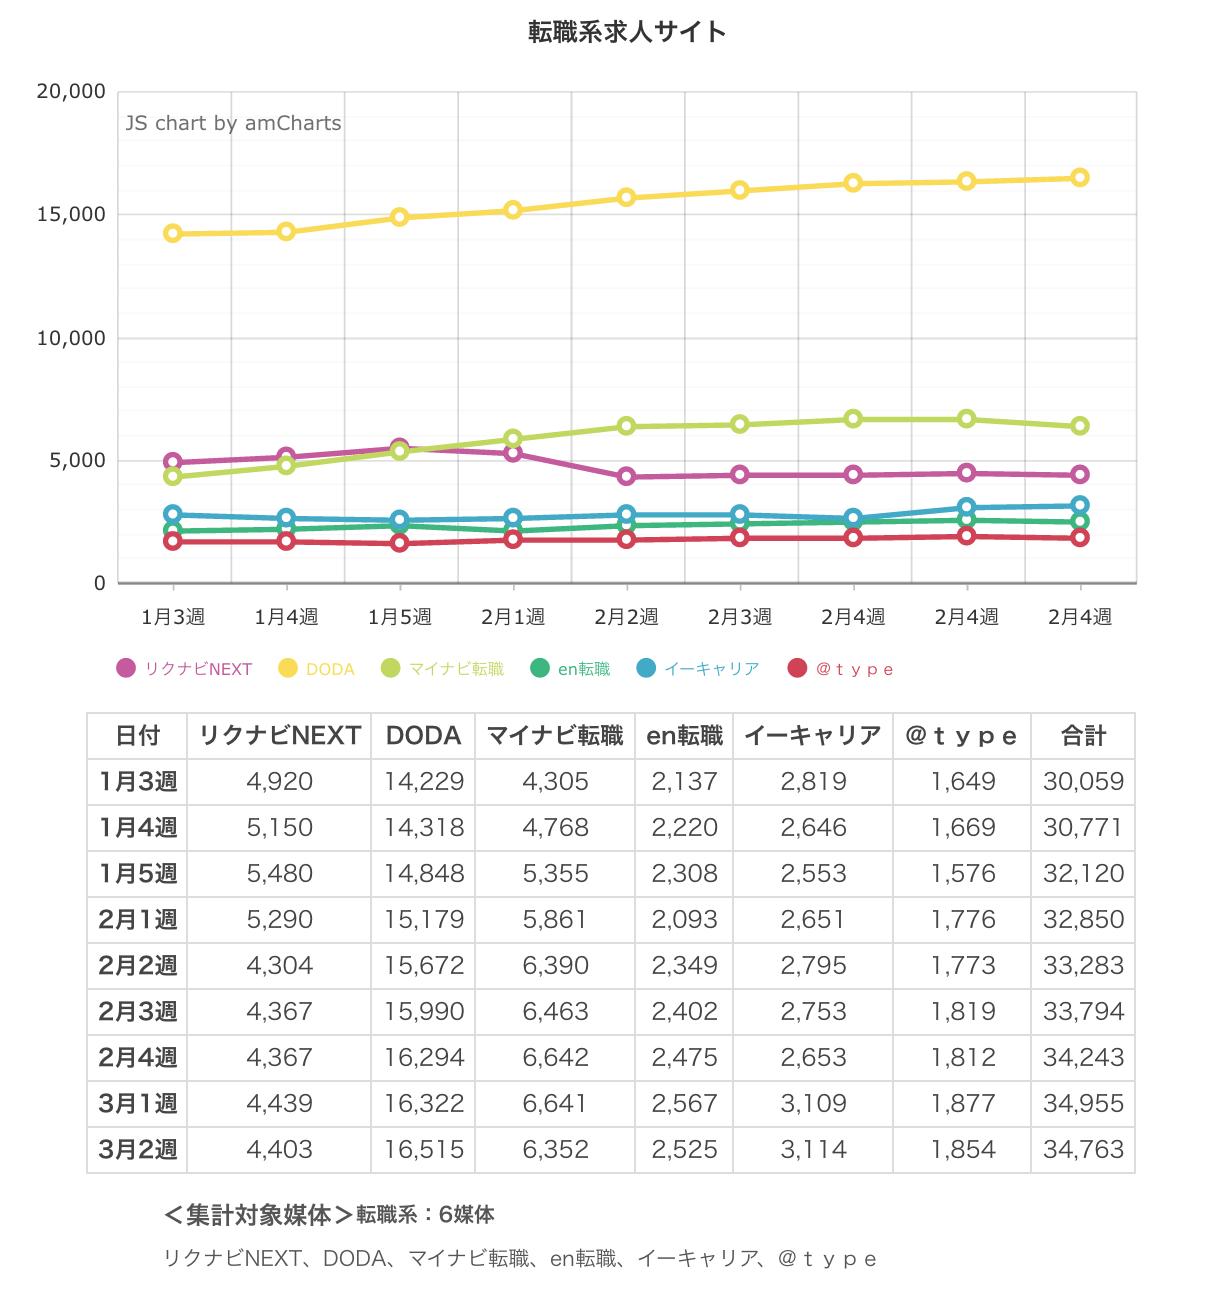 ウィークリー求人サイト掲載件数速報 2015年3月2週